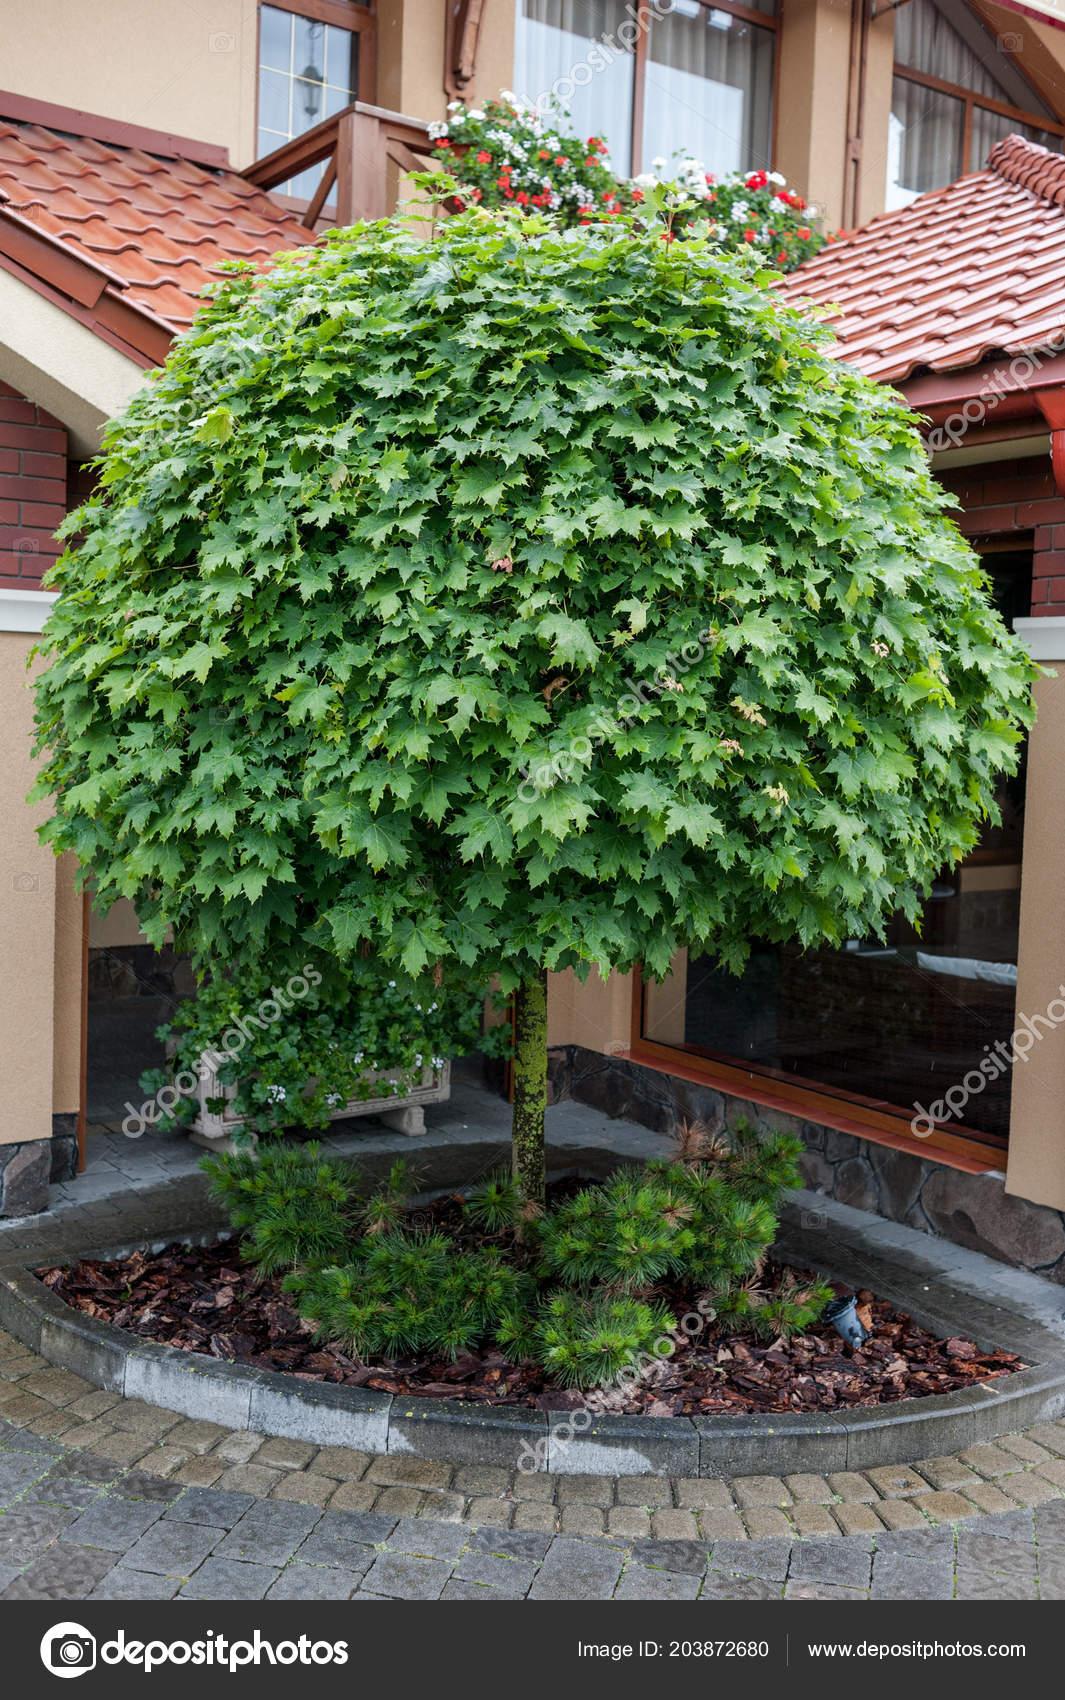 Jardines peque os plantas nicas dise o del paisaje foto for Jardines hermosos pequenos